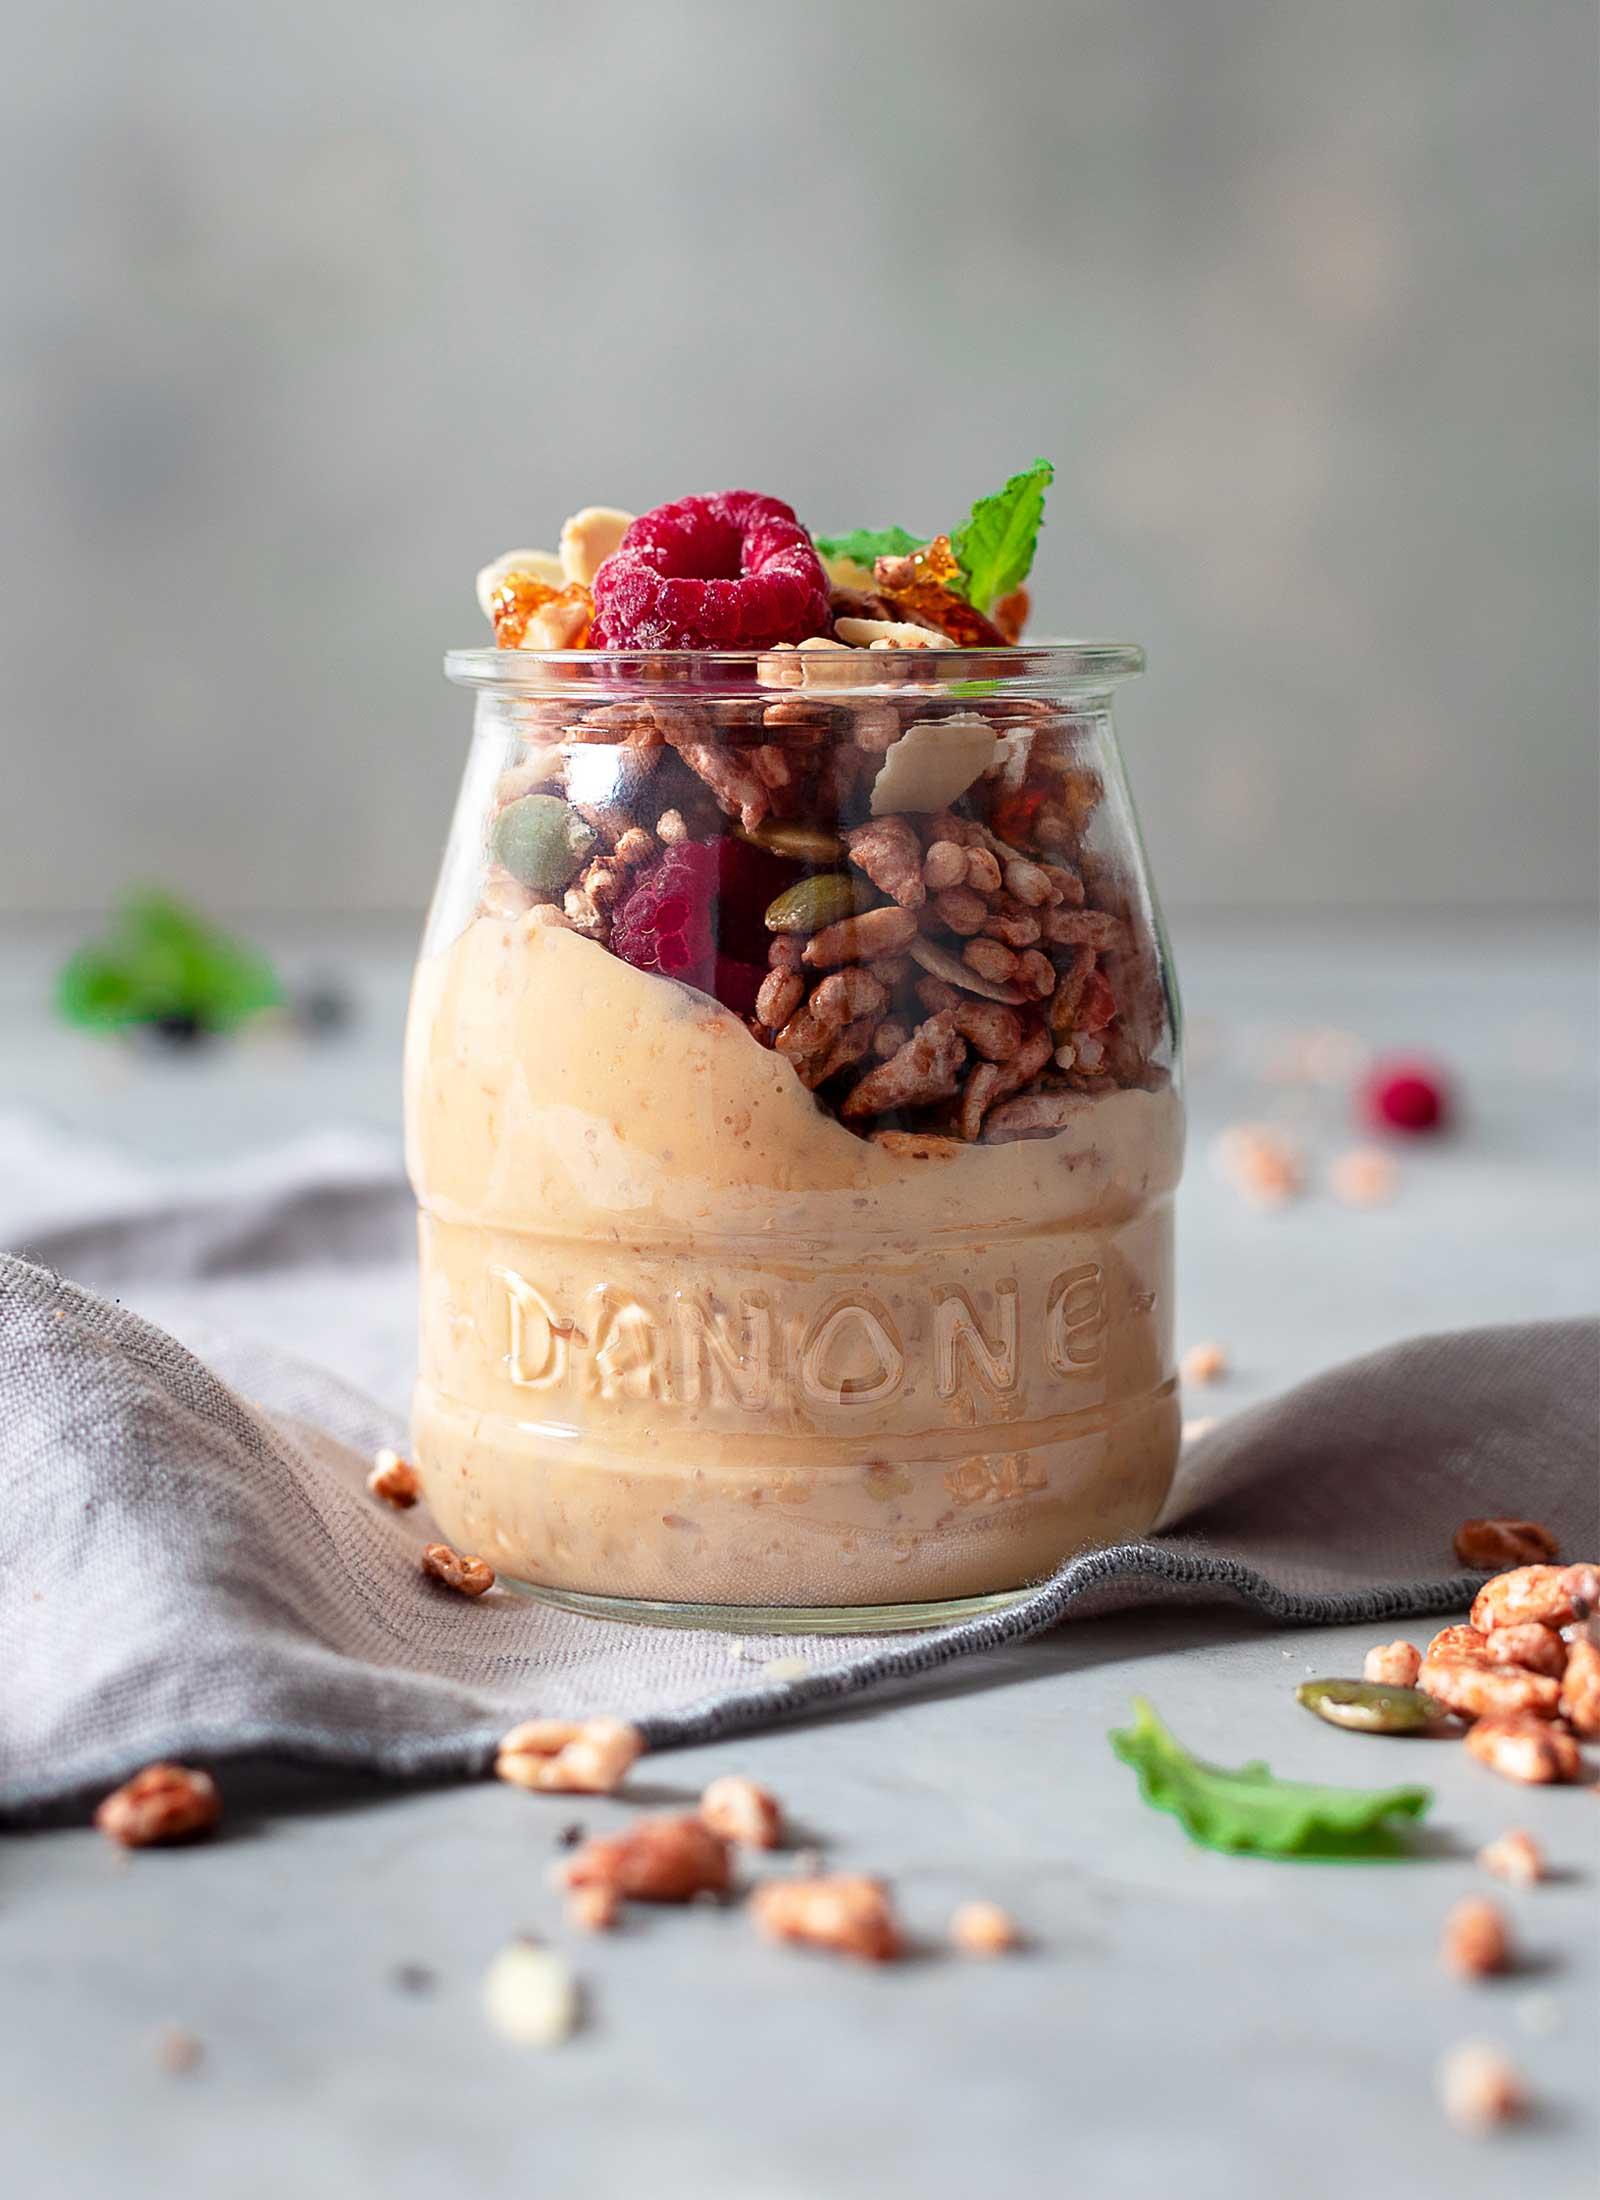 yoghurt-damasco-vaso-danone-estudio-como